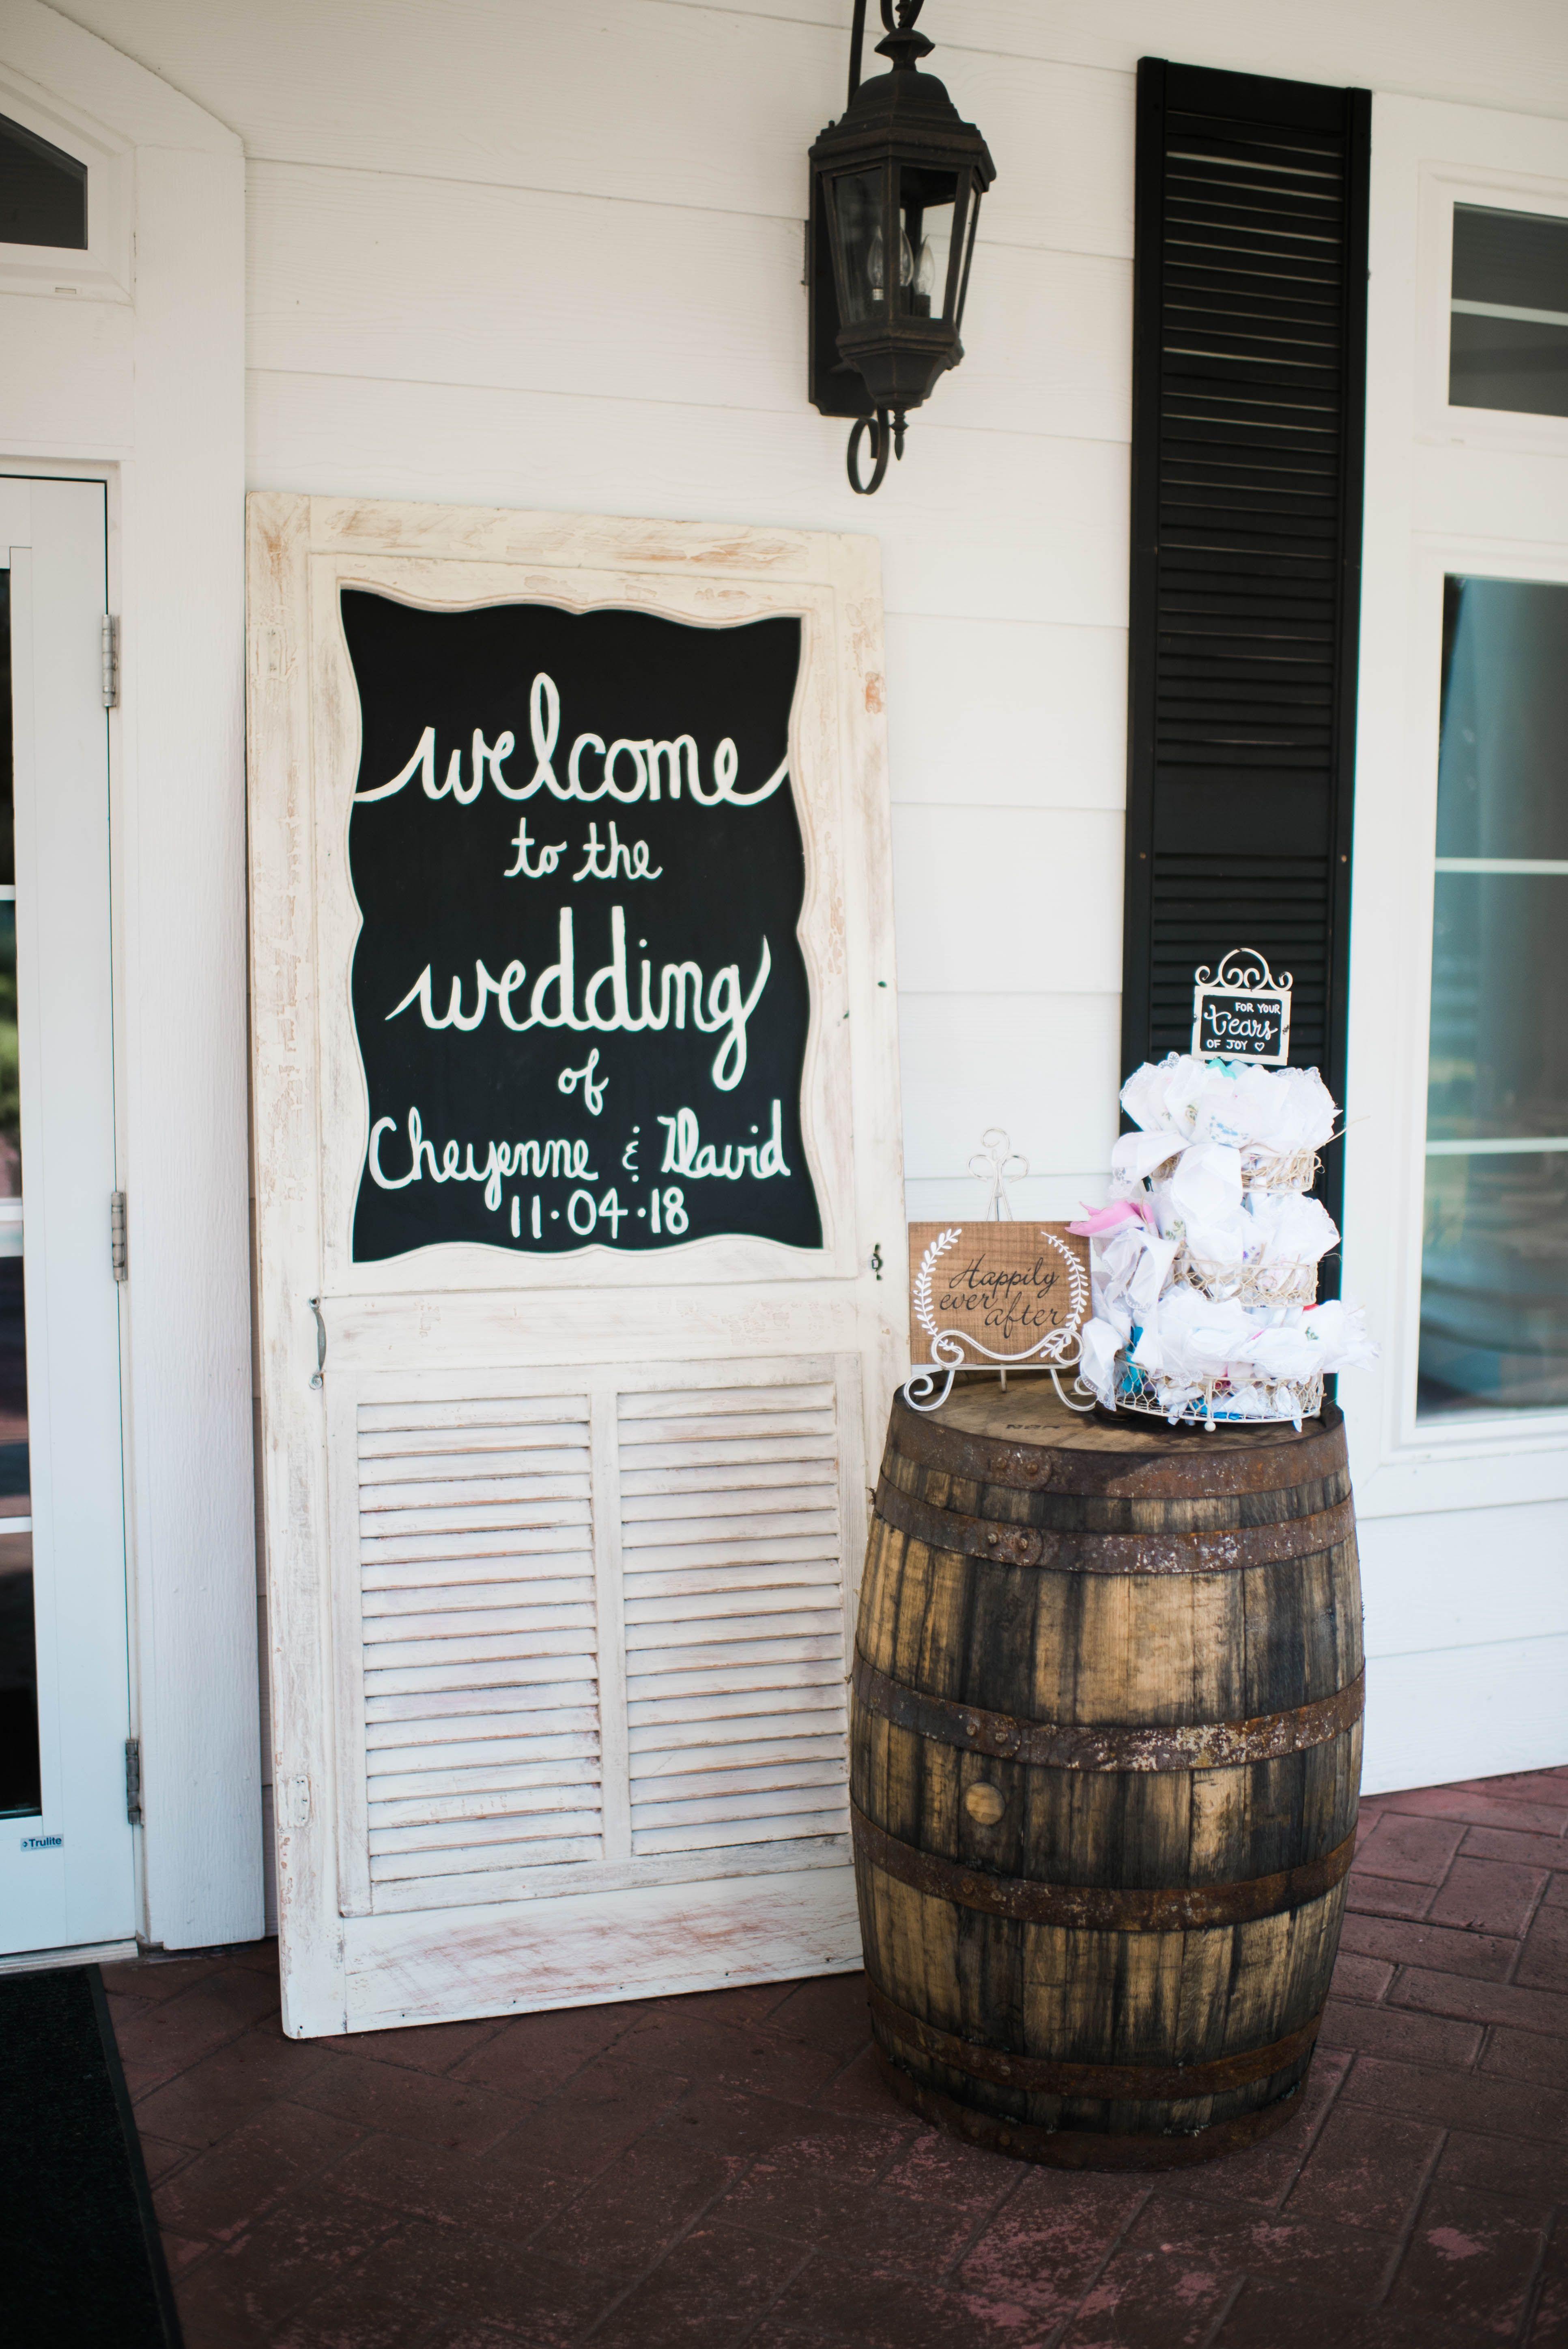 Magnolia Manor in 2020 Vintage wedding signs, Rustic